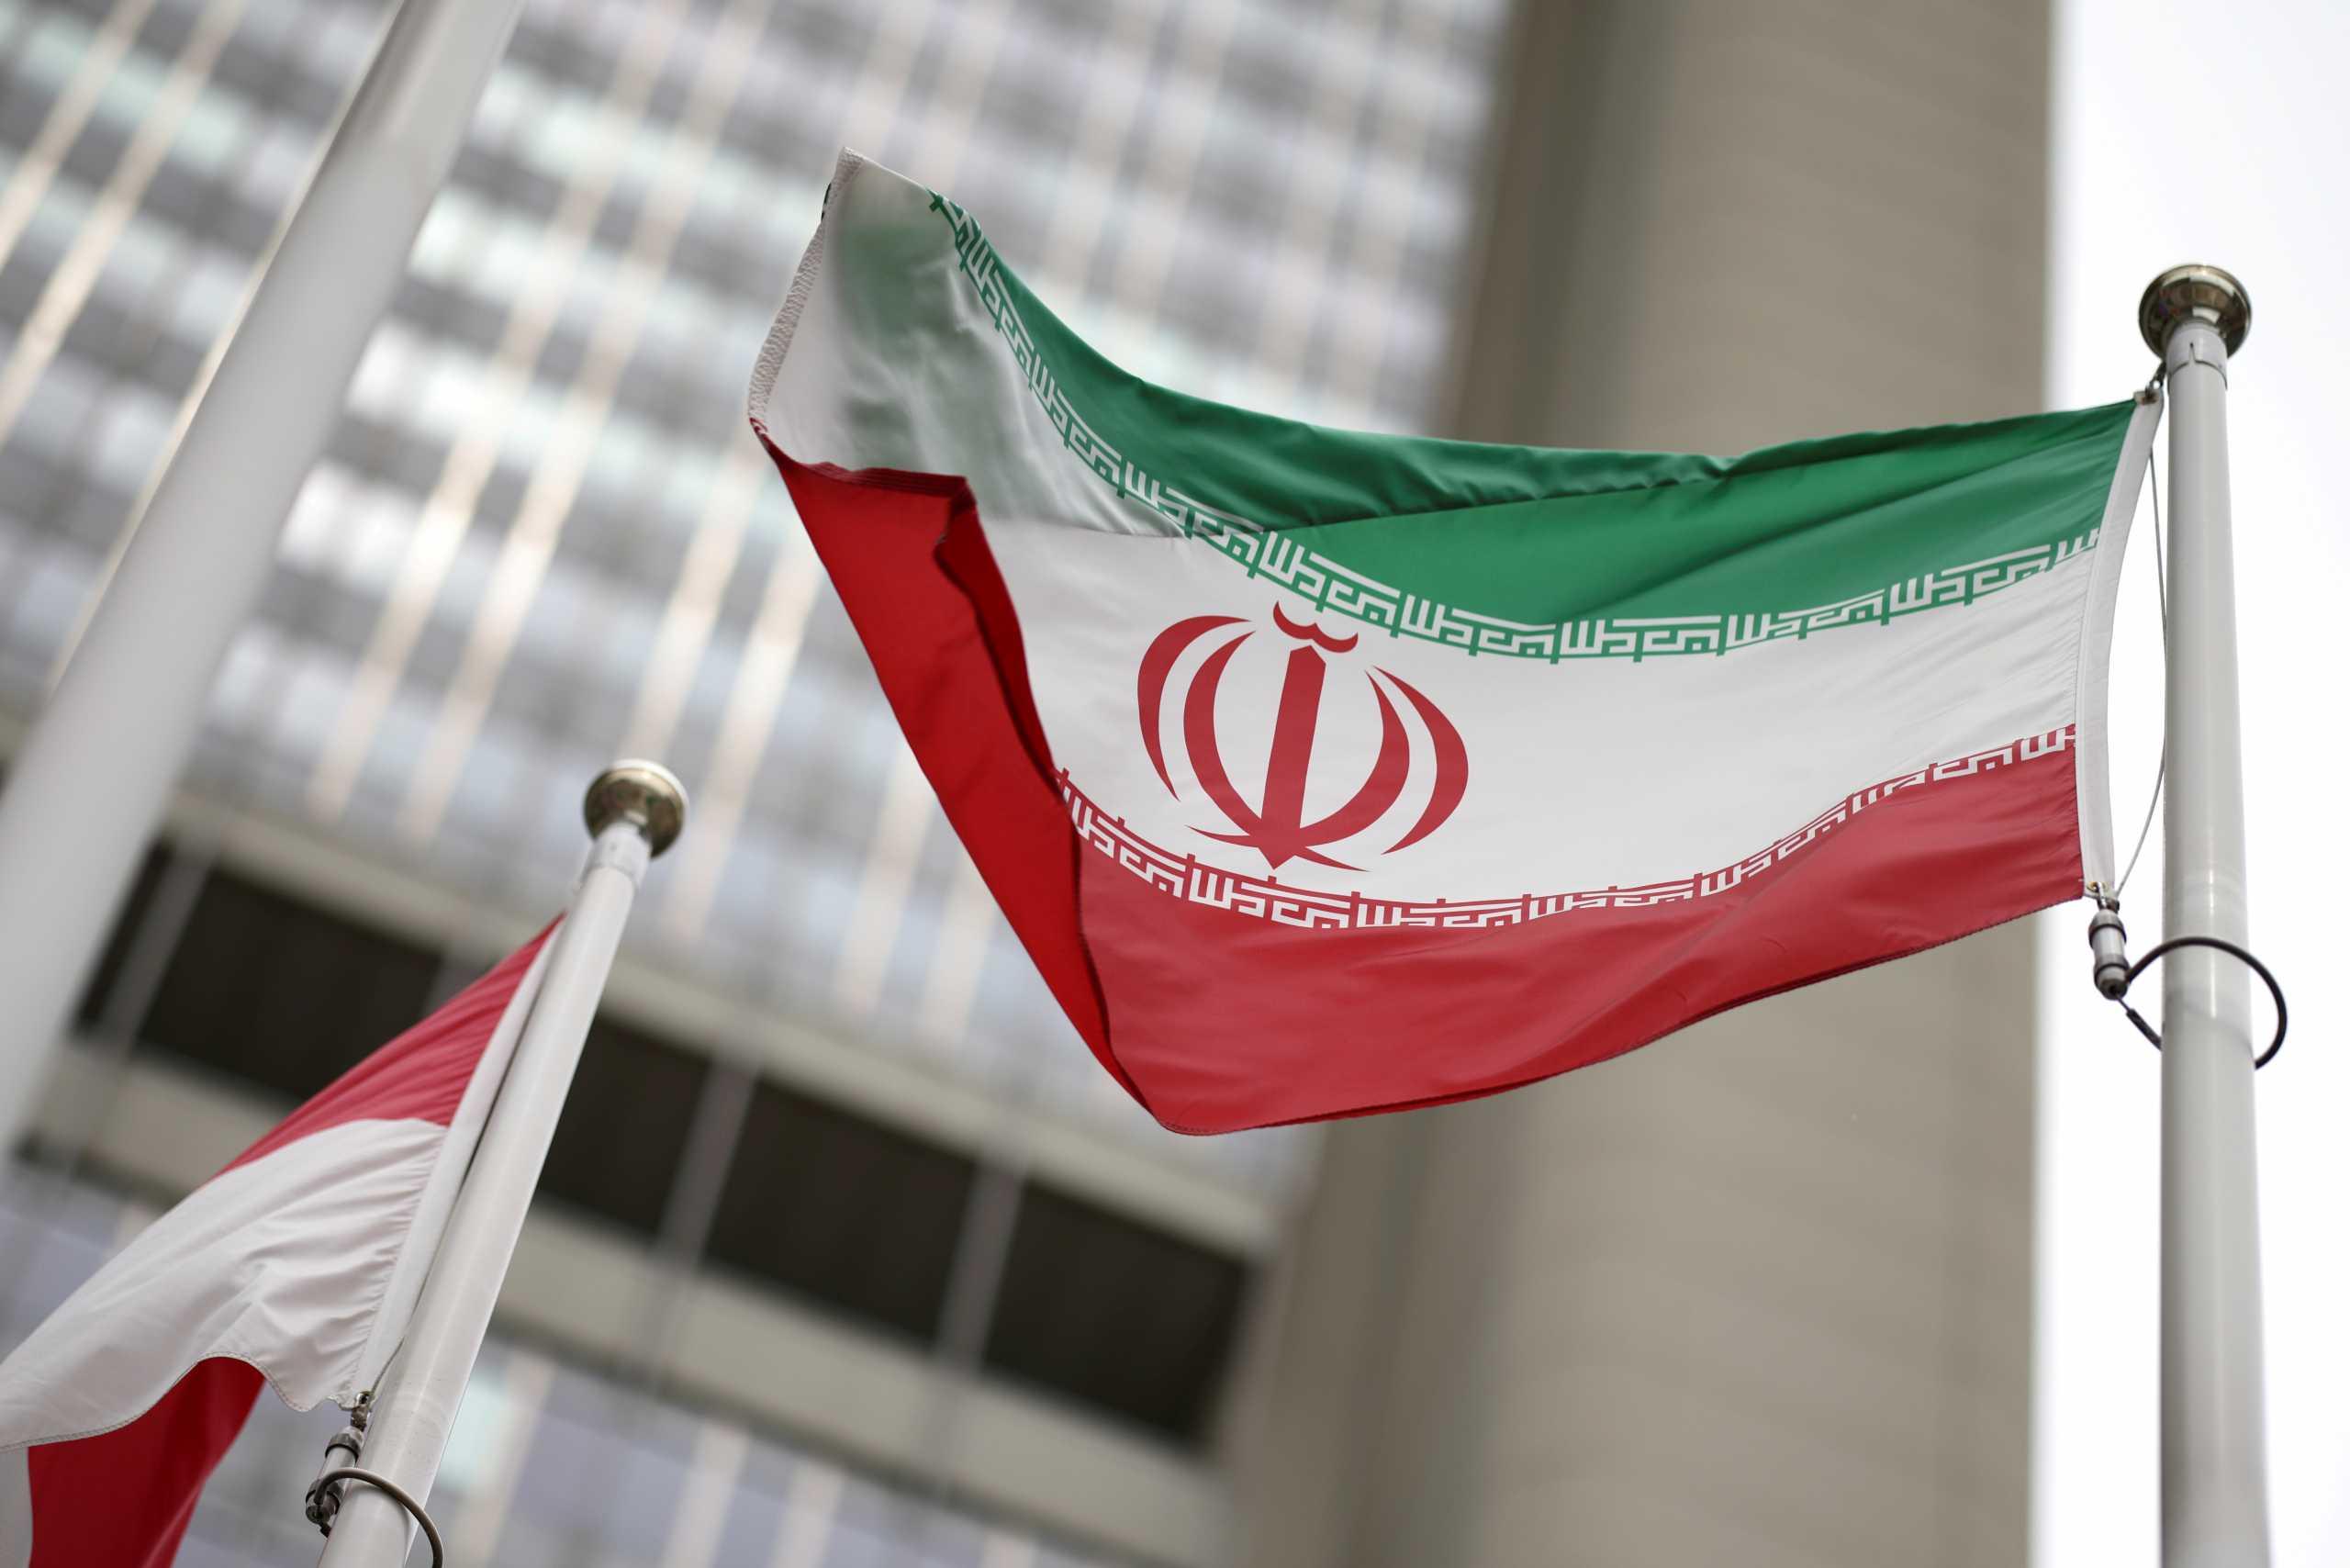 Η Διεθνής Αμνηστία ζητά από το Ιράν να μην εκτελέσει έναν 20χρονο